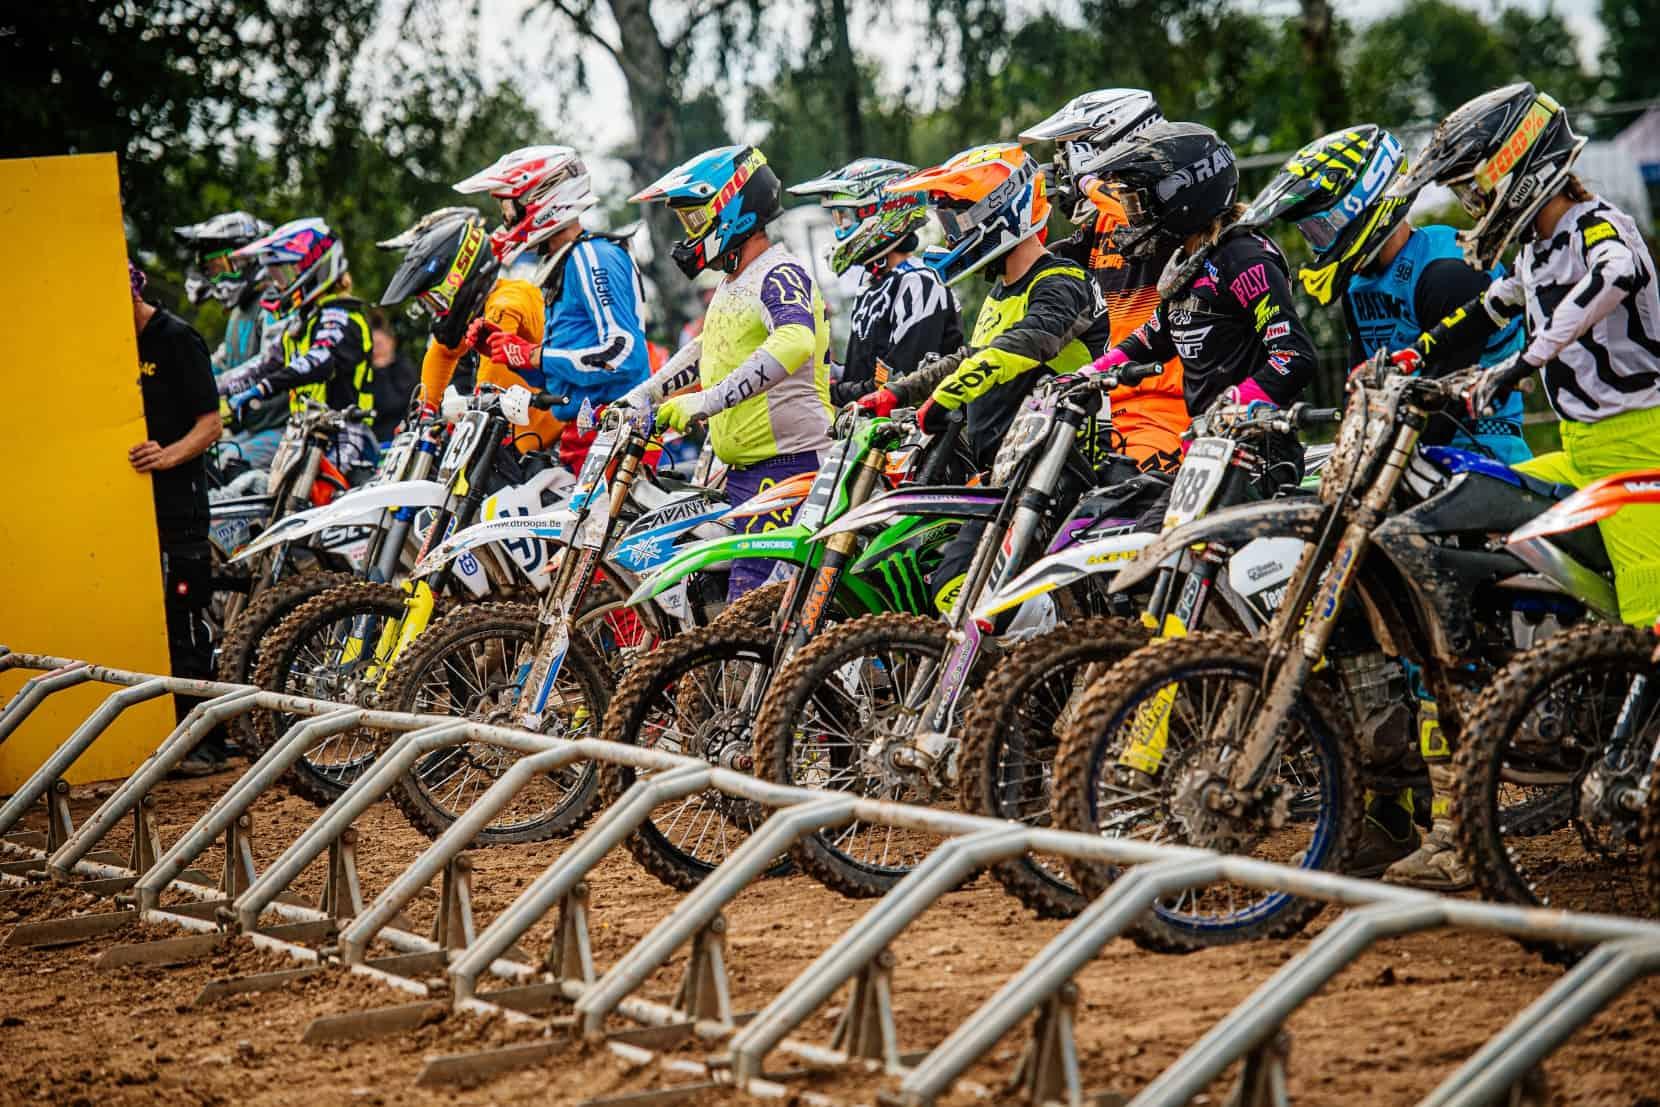 Das Motocross Weekend ADAC Hessen-Thüringen geht in die dritte Runde